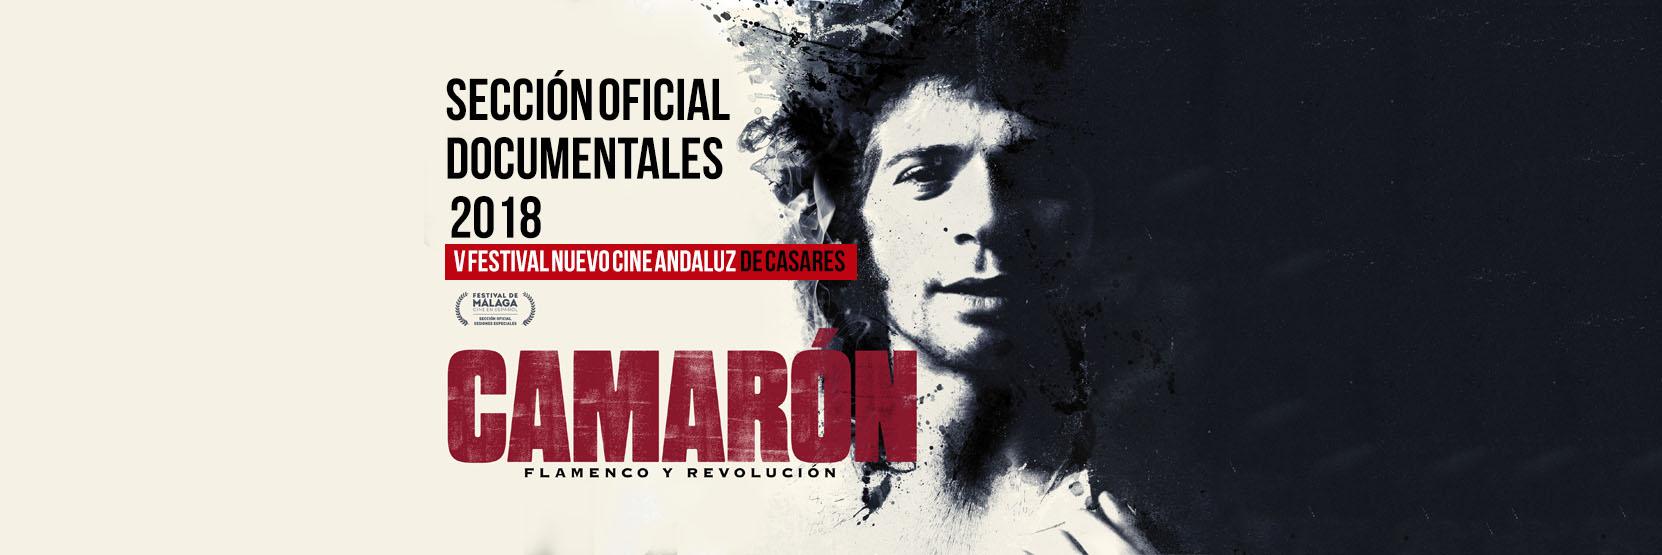 Camarón, Flamenco y Revolución